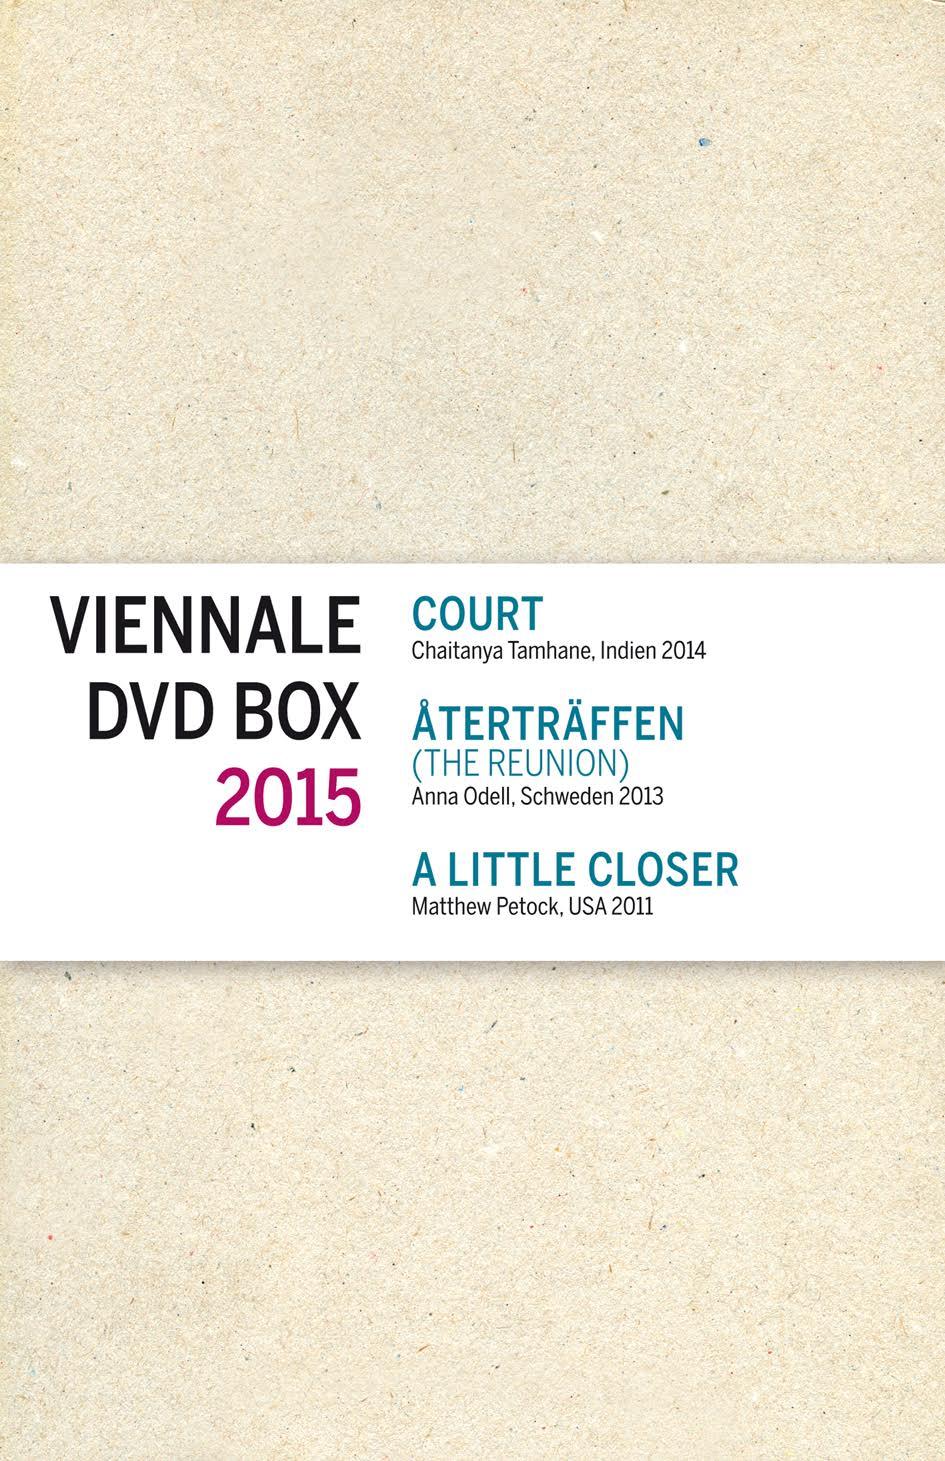 Viennale DVD Box 2015